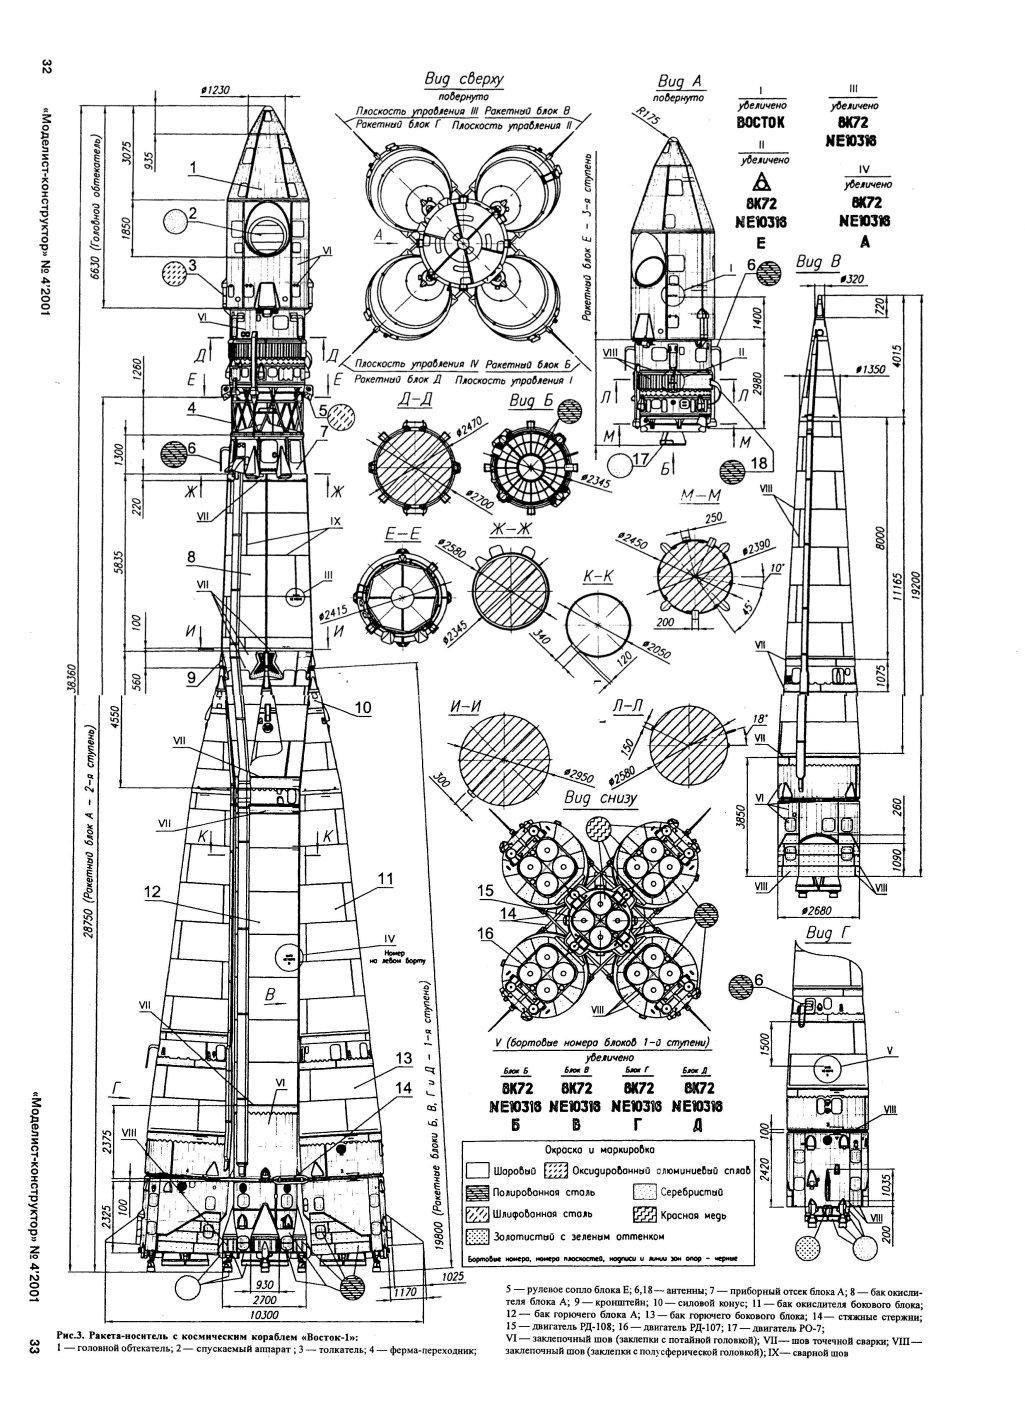 the schematics